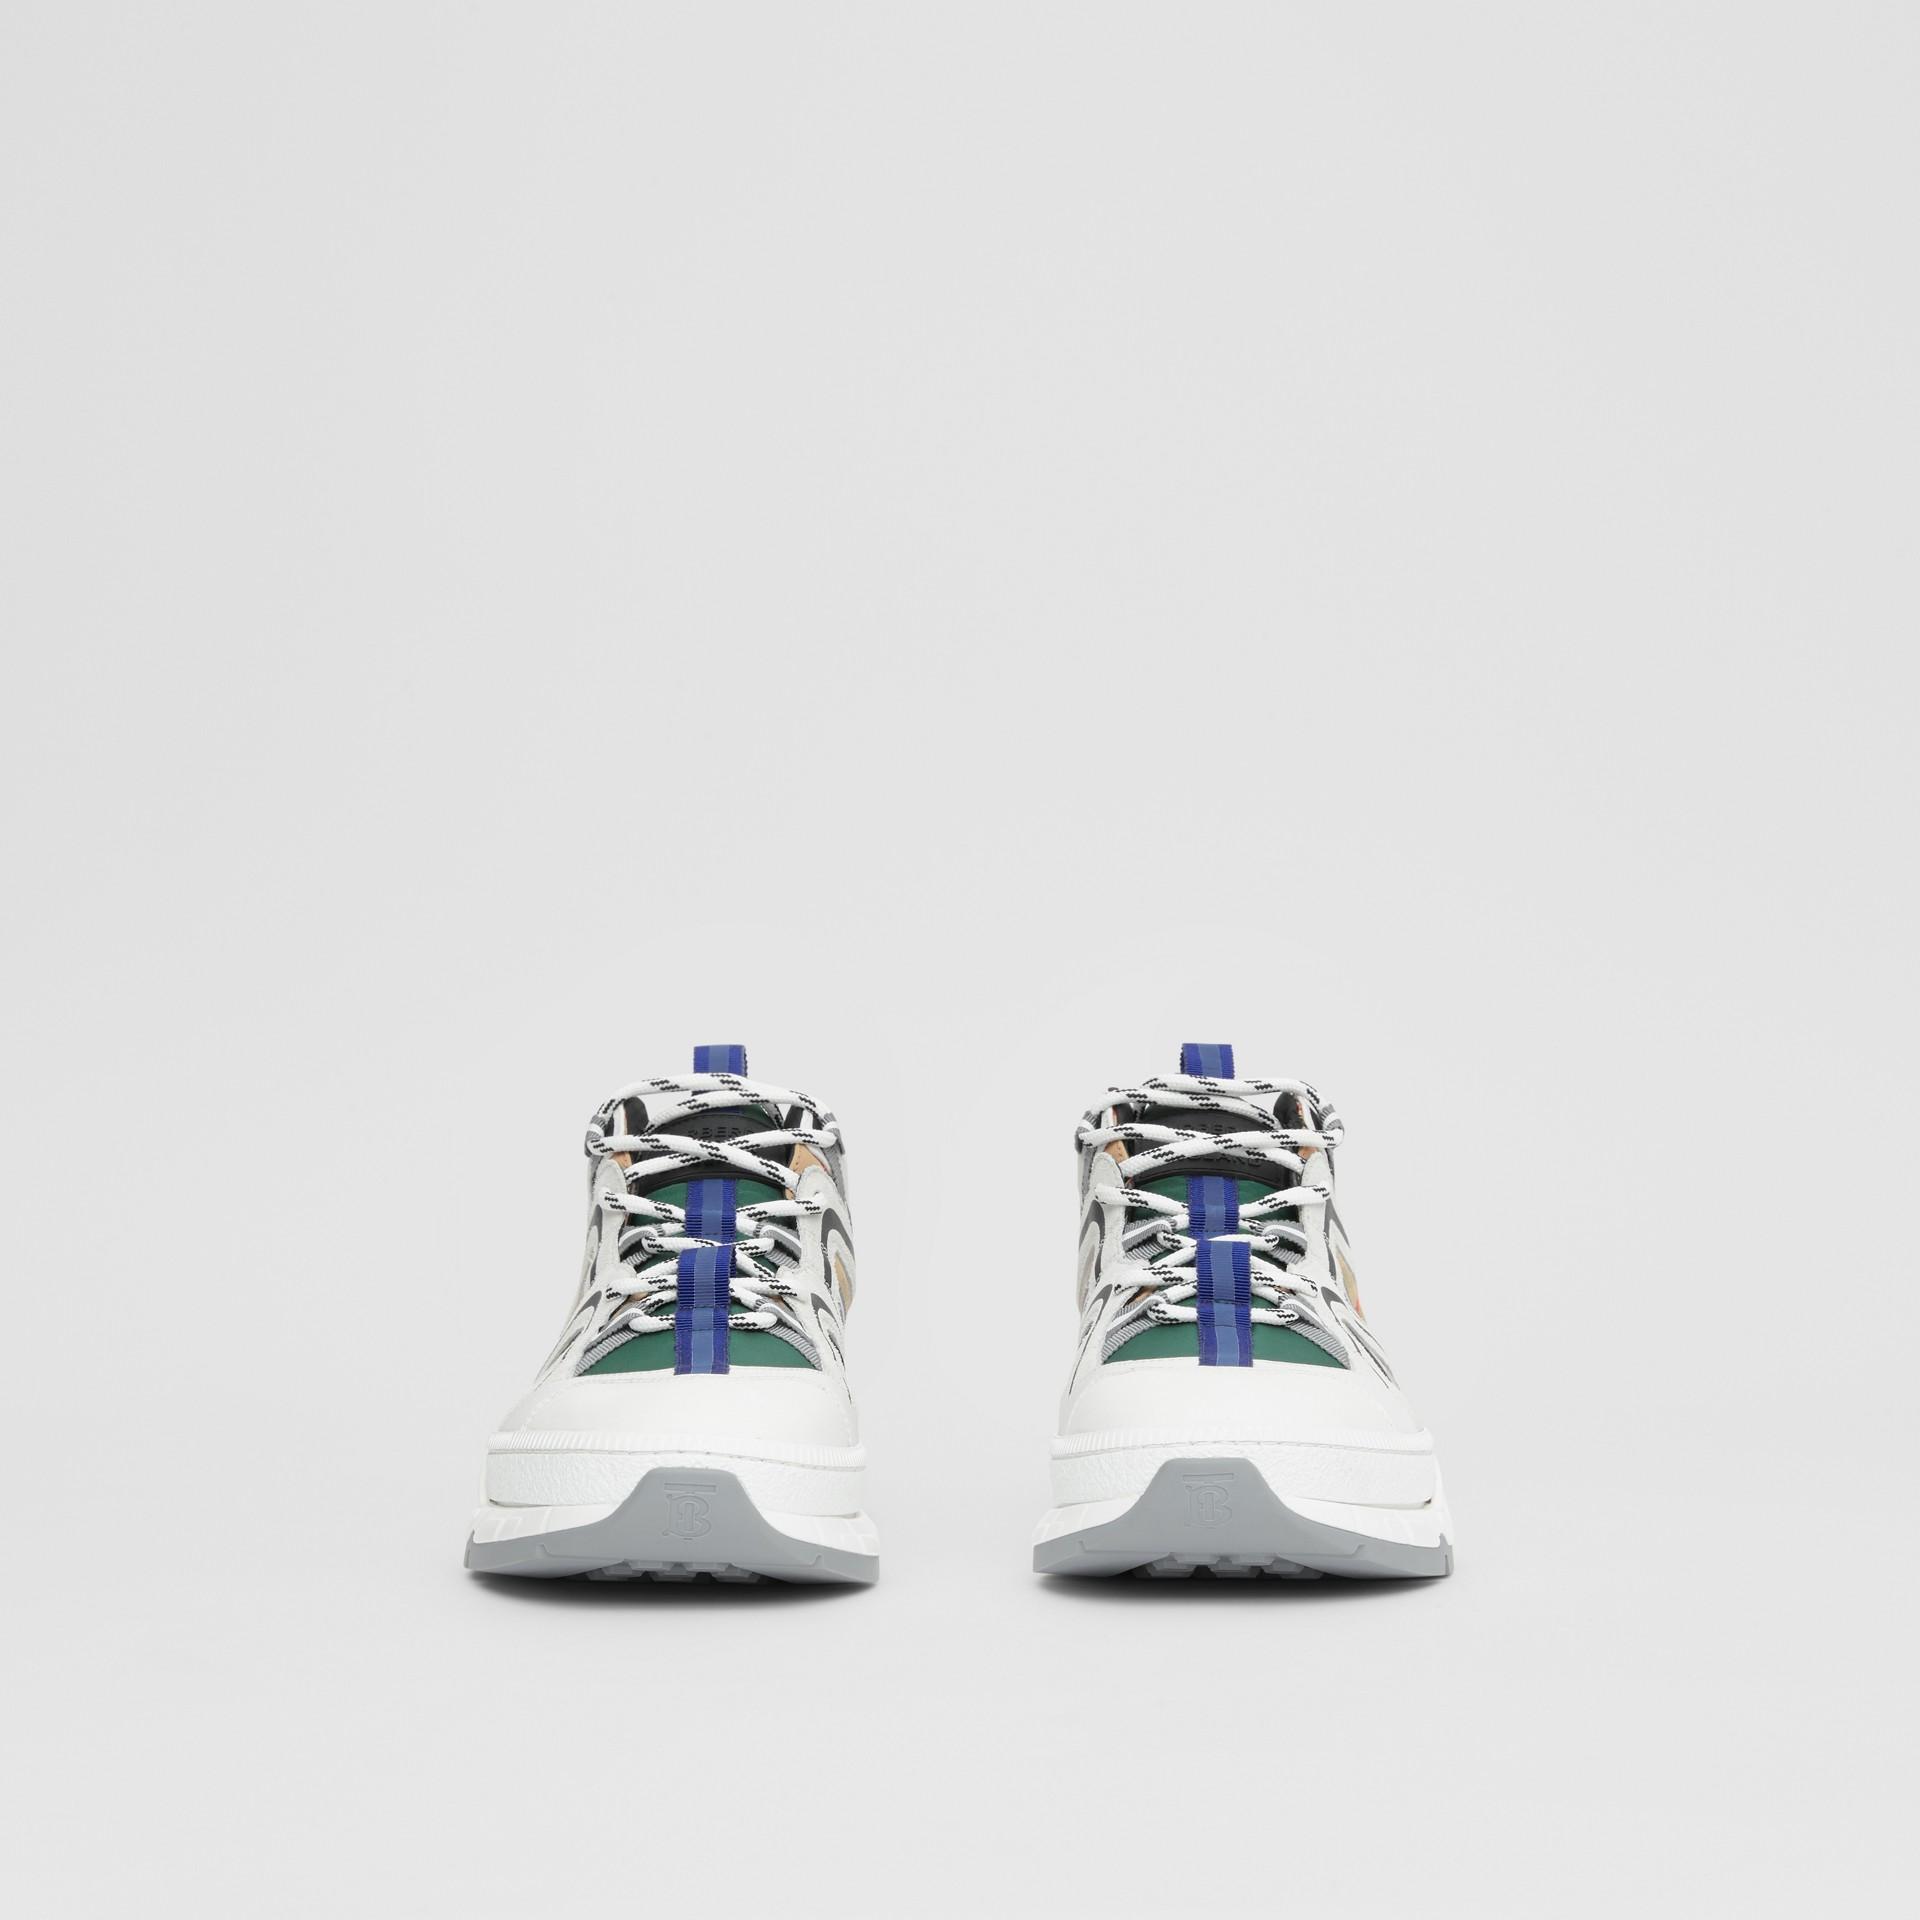 スエード ヴィンテージチェック&ナイロン ユニオン スニーカー (アーカイブベージュ) - メンズ | バーバリー - ギャラリーイメージ 2